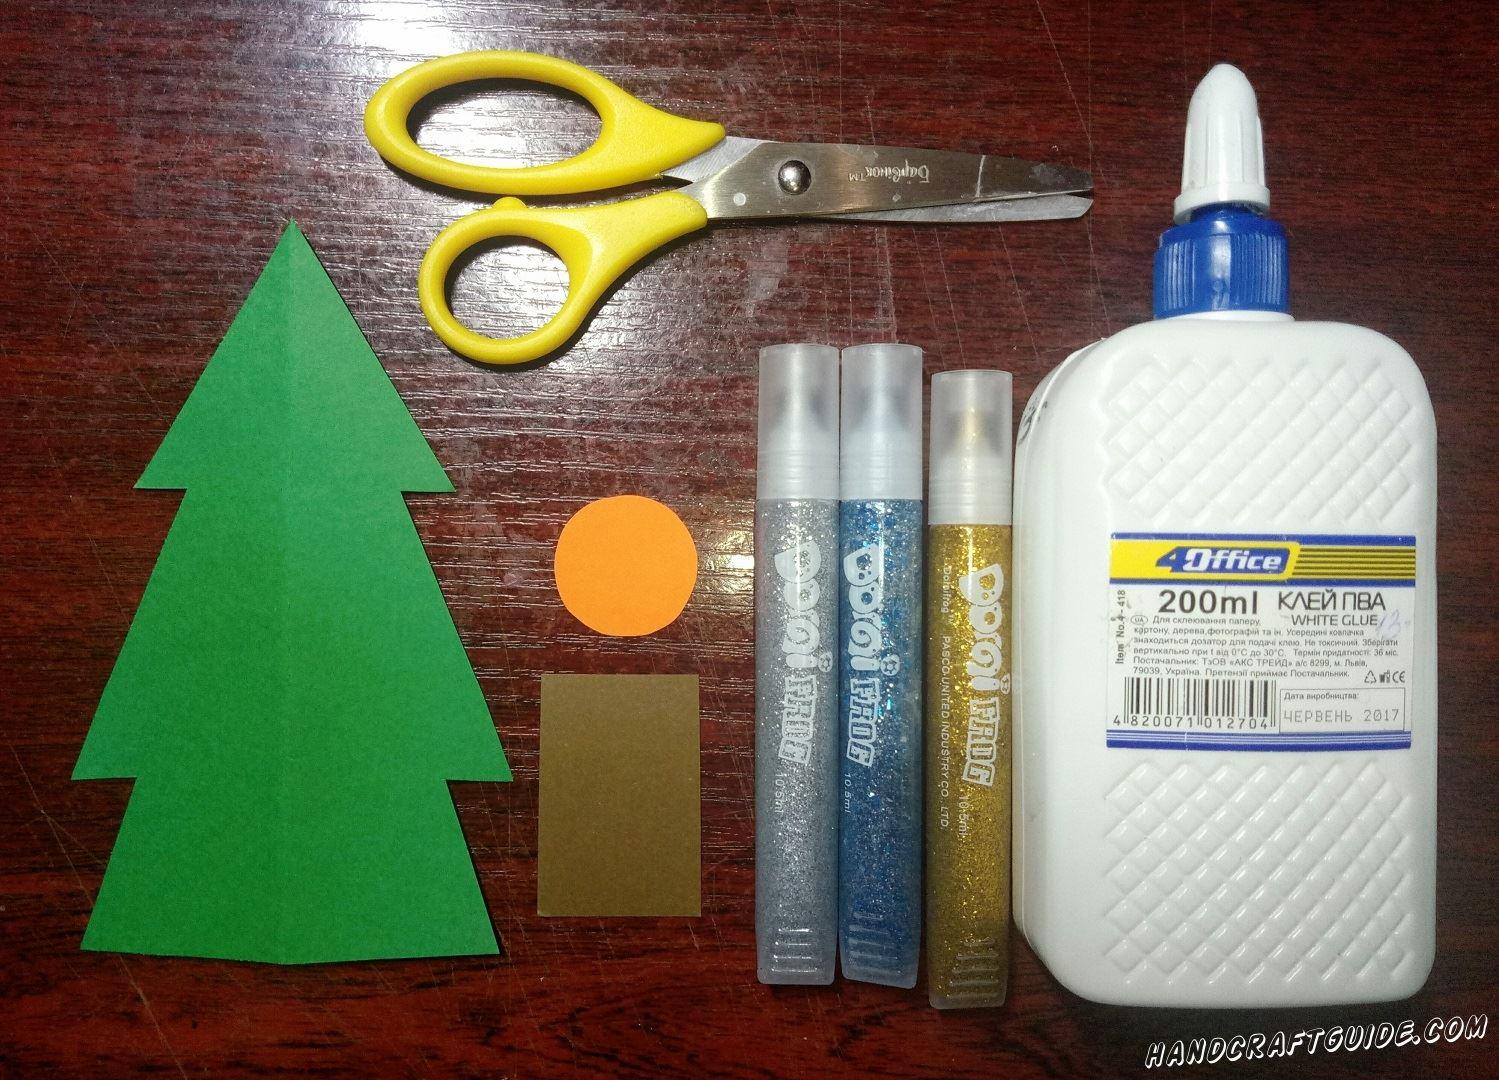 Вырезаем ёлочку из бумаги зелёного цвета. Также нам нужен ствол дерева коричневого цвета и кружочек оранжевого цвета.